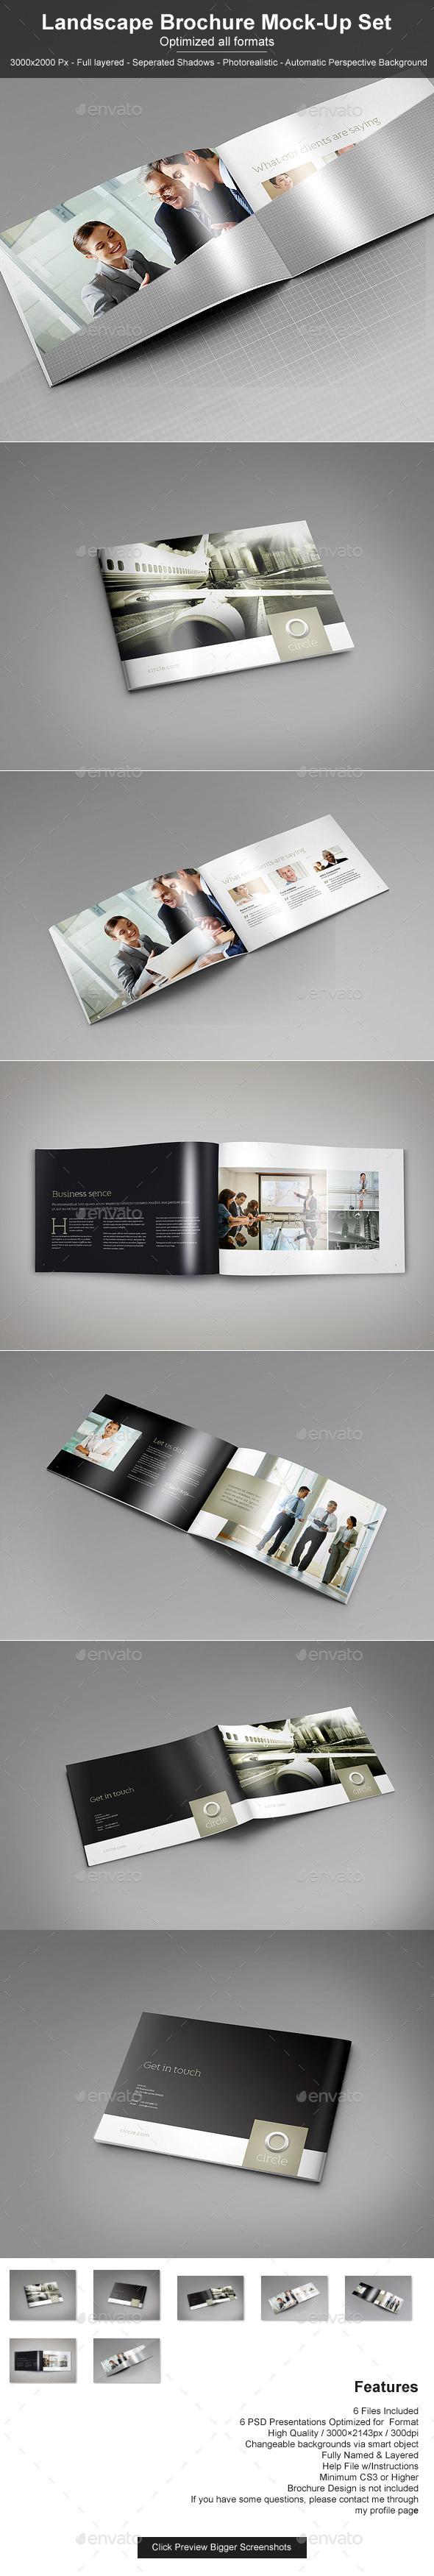 GraphicRiver Landscape Brochure Mock-Up Set 11251897